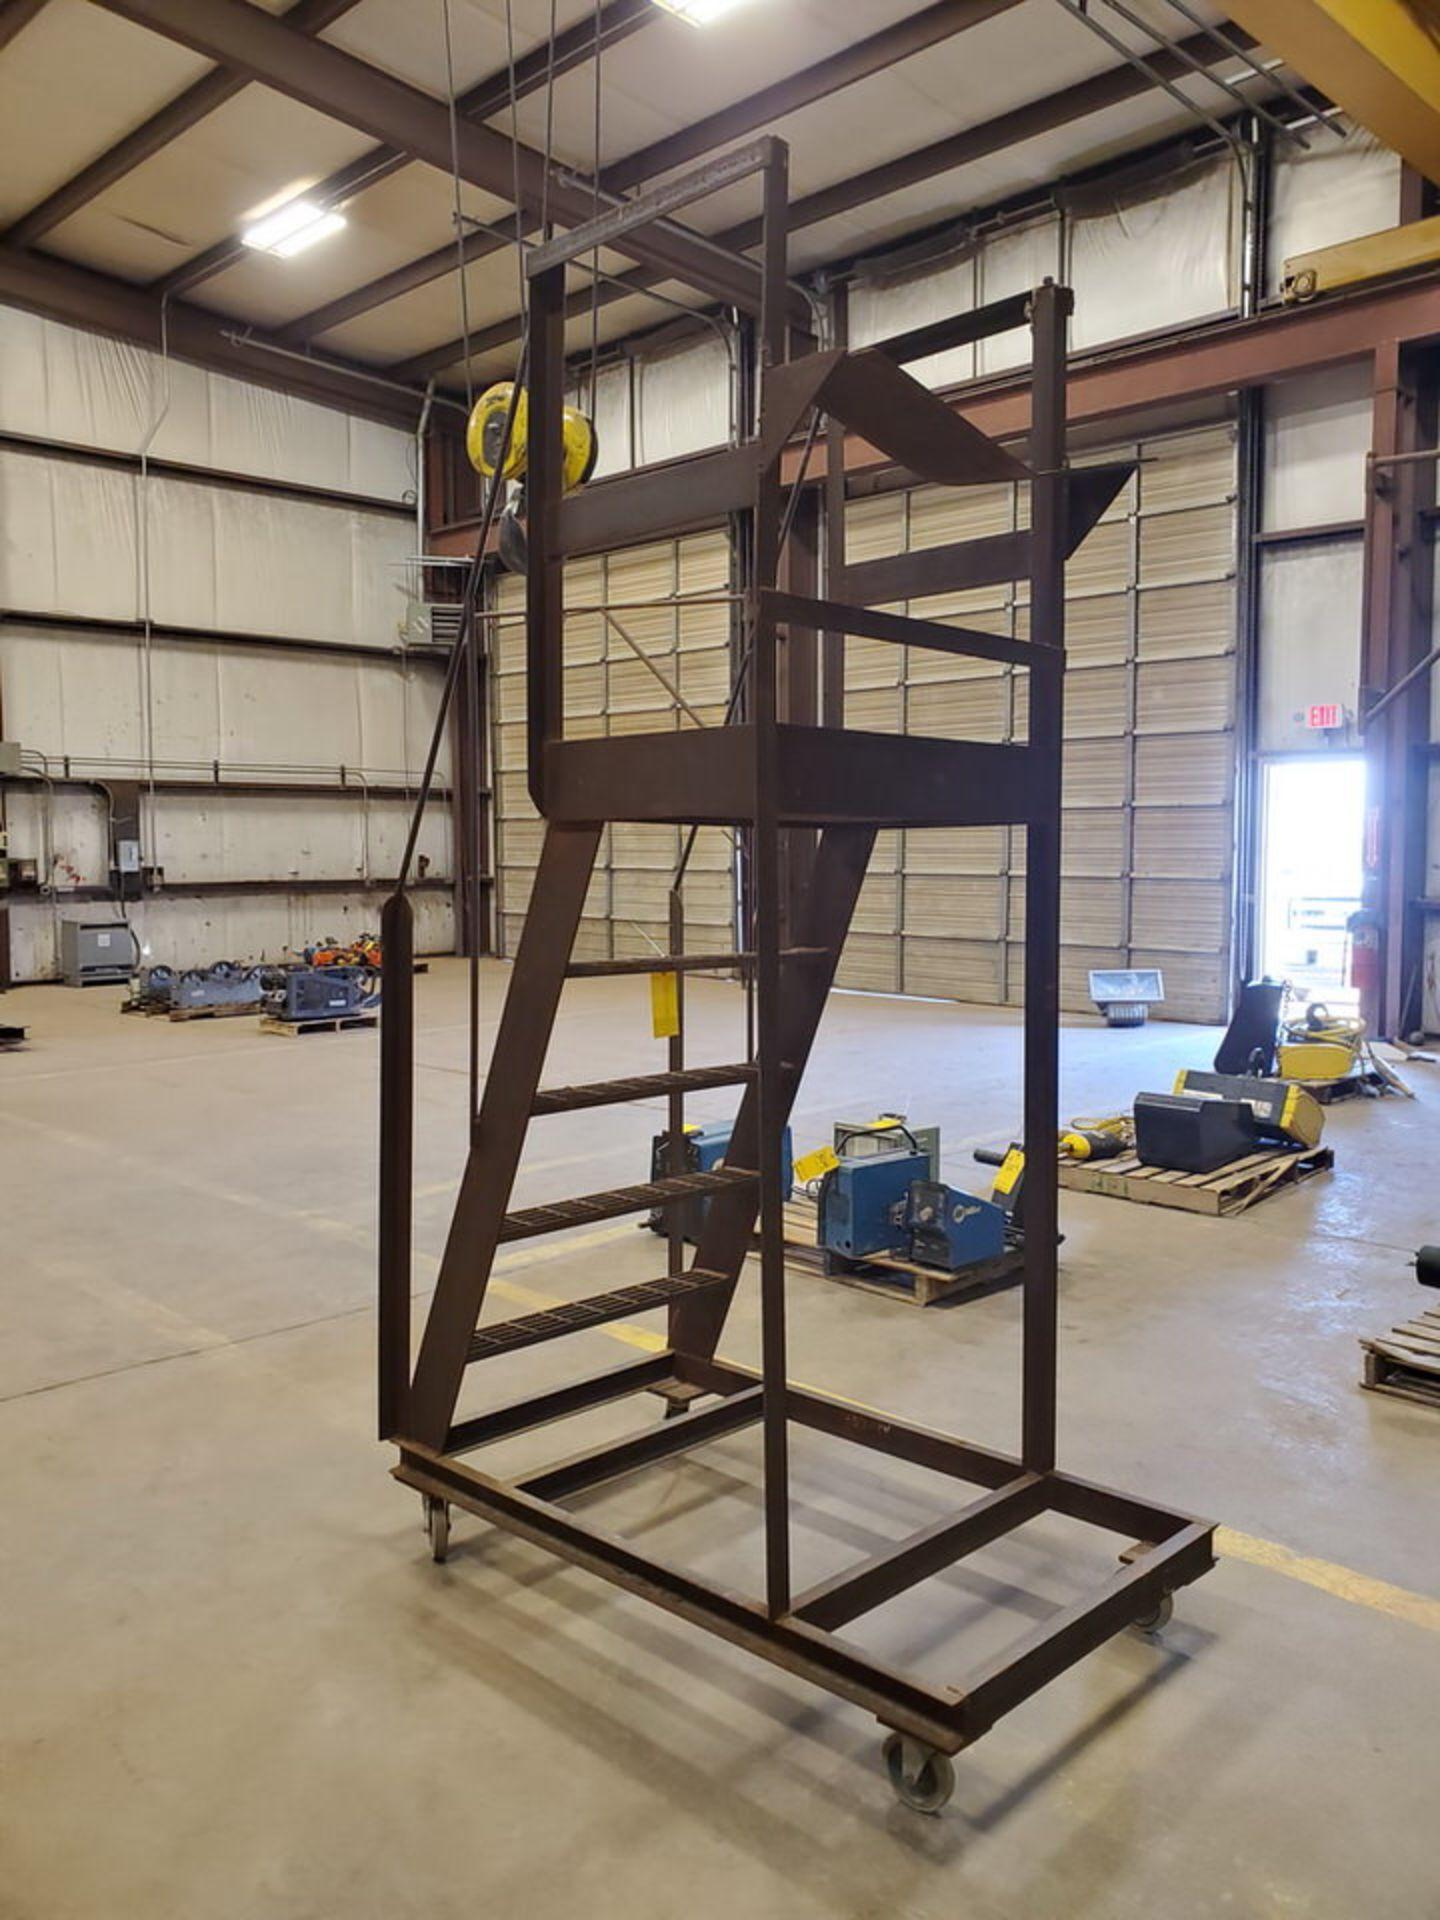 """Stl 4-Step Roling Platform Ladder 5'3"""" x 3' x 8'9""""H; No Cap. - Image 5 of 6"""